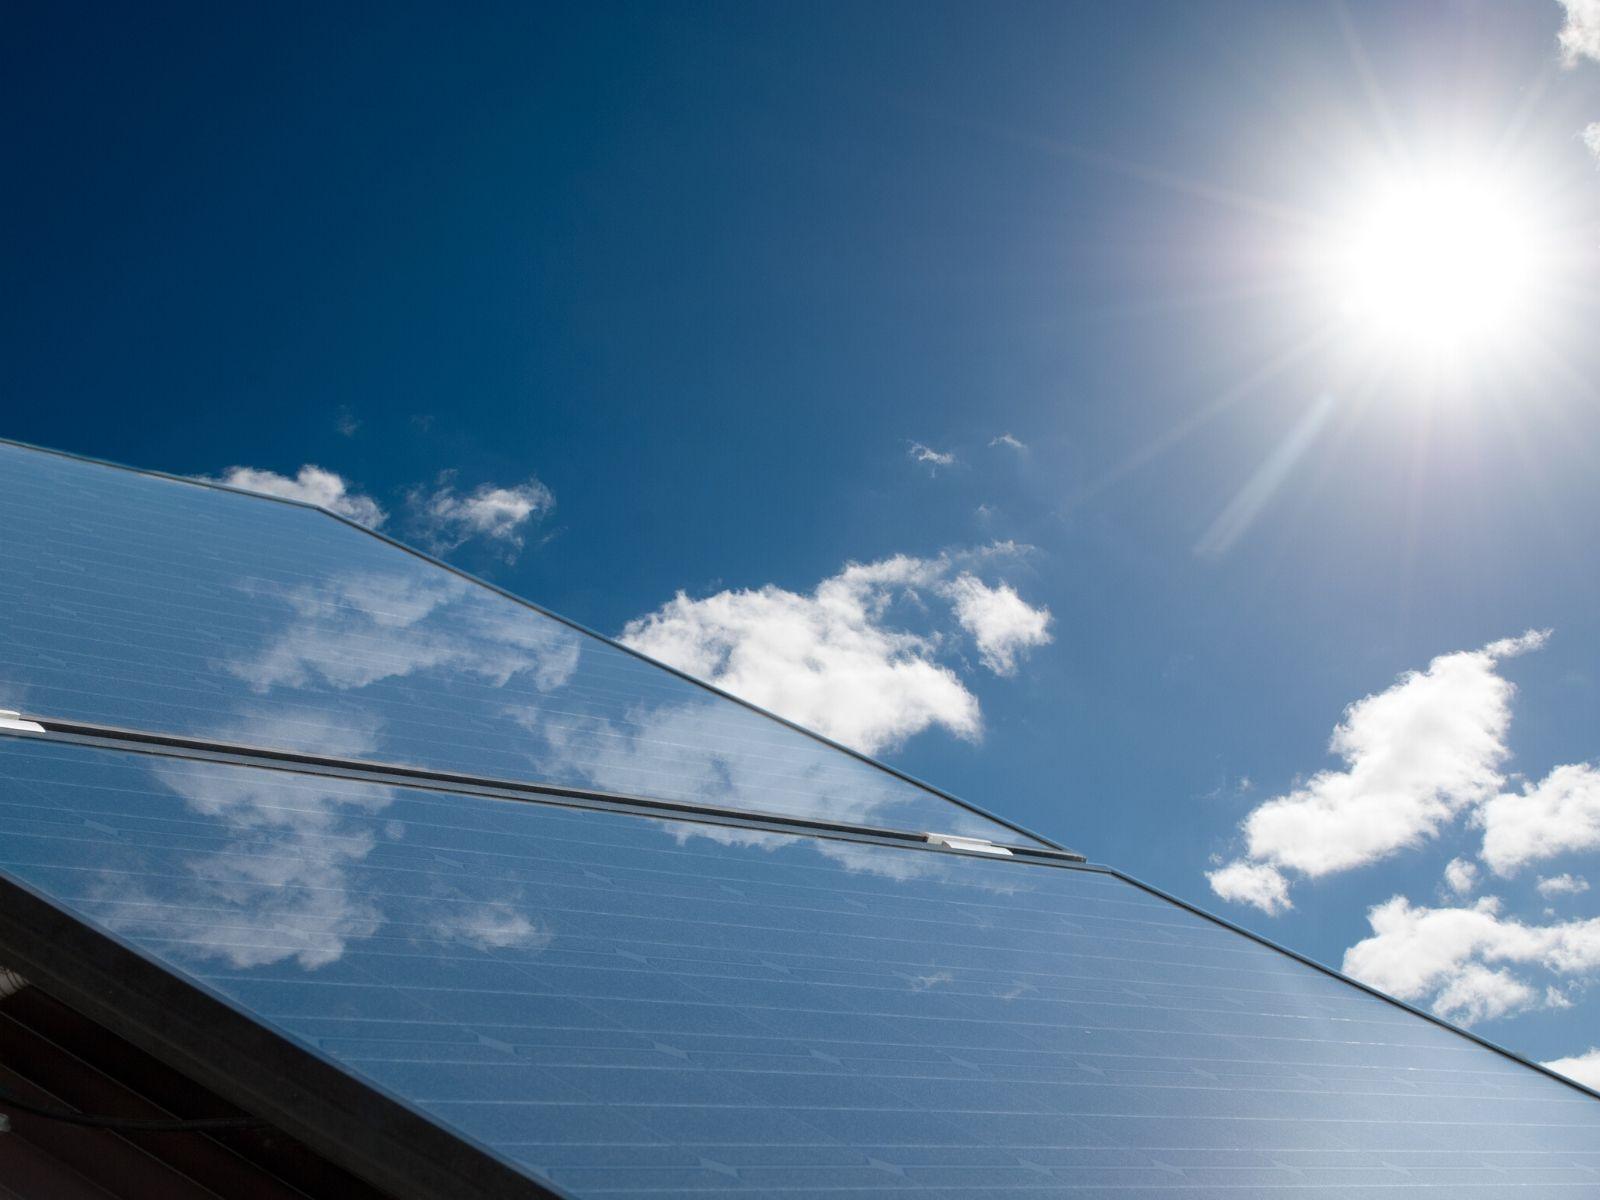 Luce impianti fotovoltaici